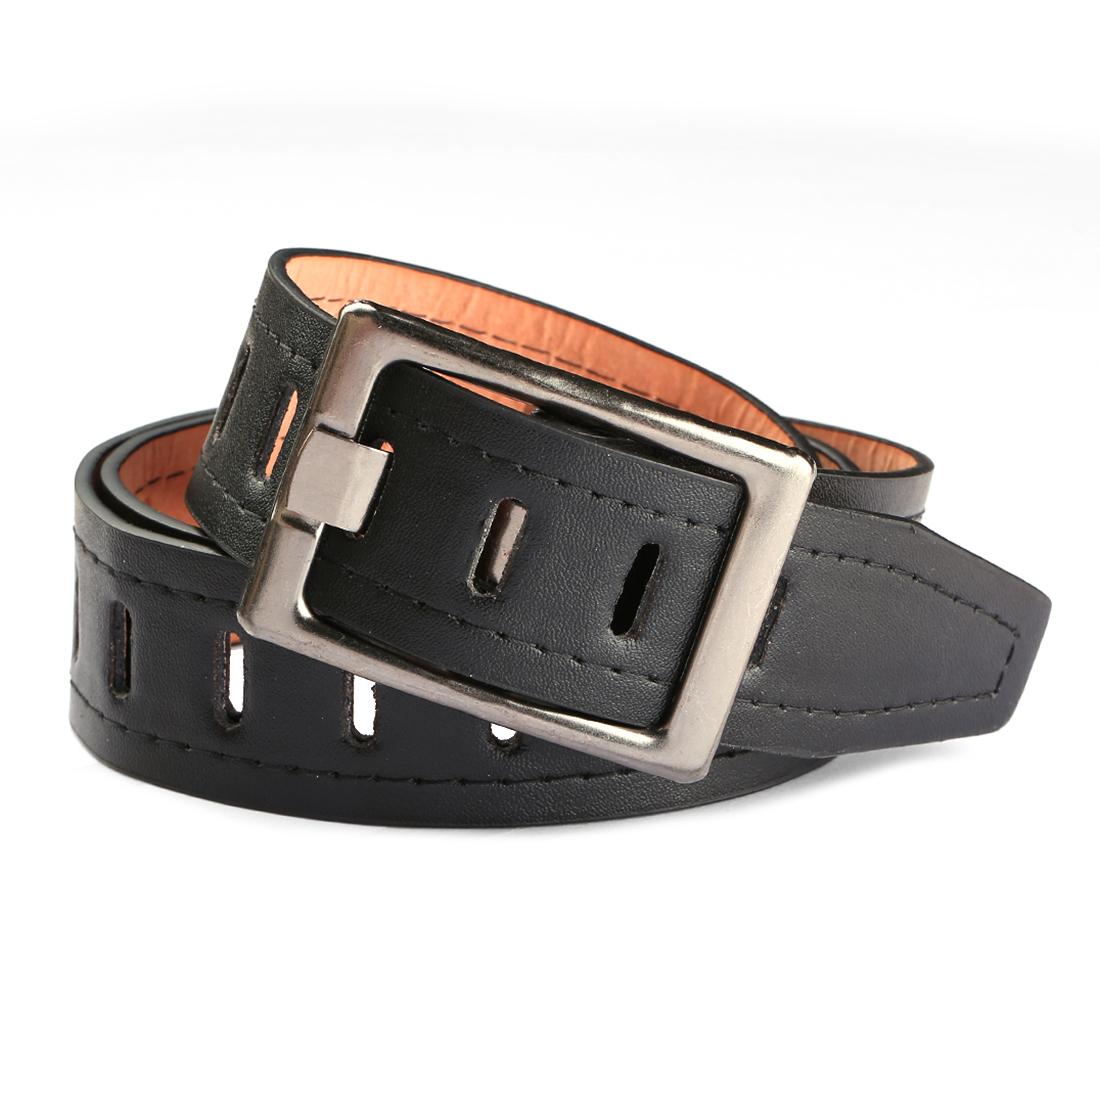 Women Hollow Out Single Prong Buckle Wide PU Waist Belt Black